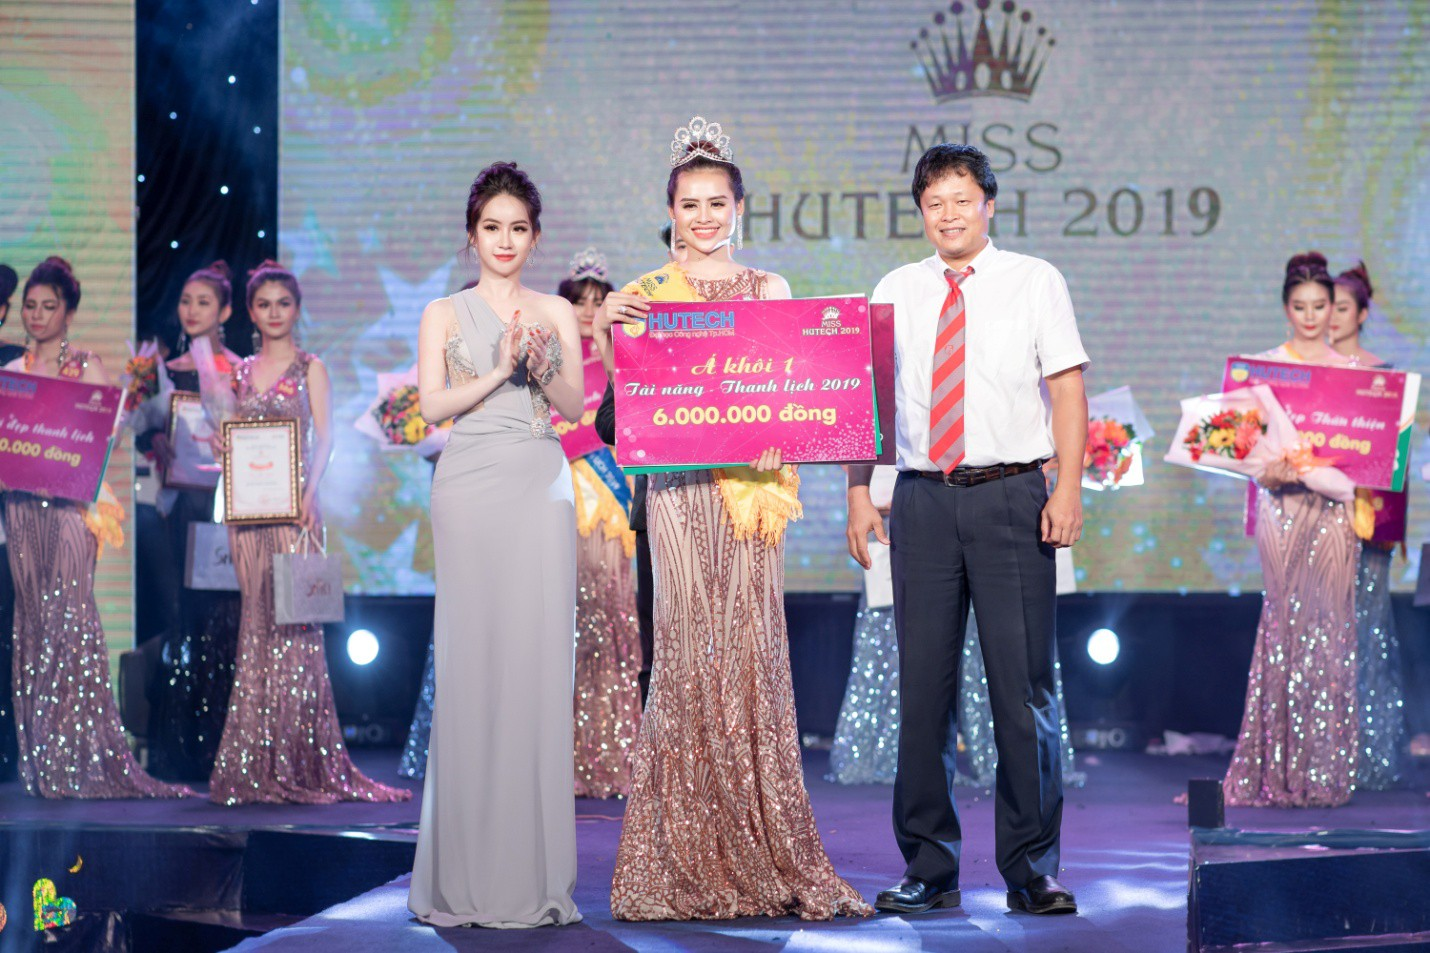 CEO – Doanh nhân Huyền Cò: Giám khảo quyền lực đêm Gala Chung kết Miss HUTECH 2019 - Ảnh 10.